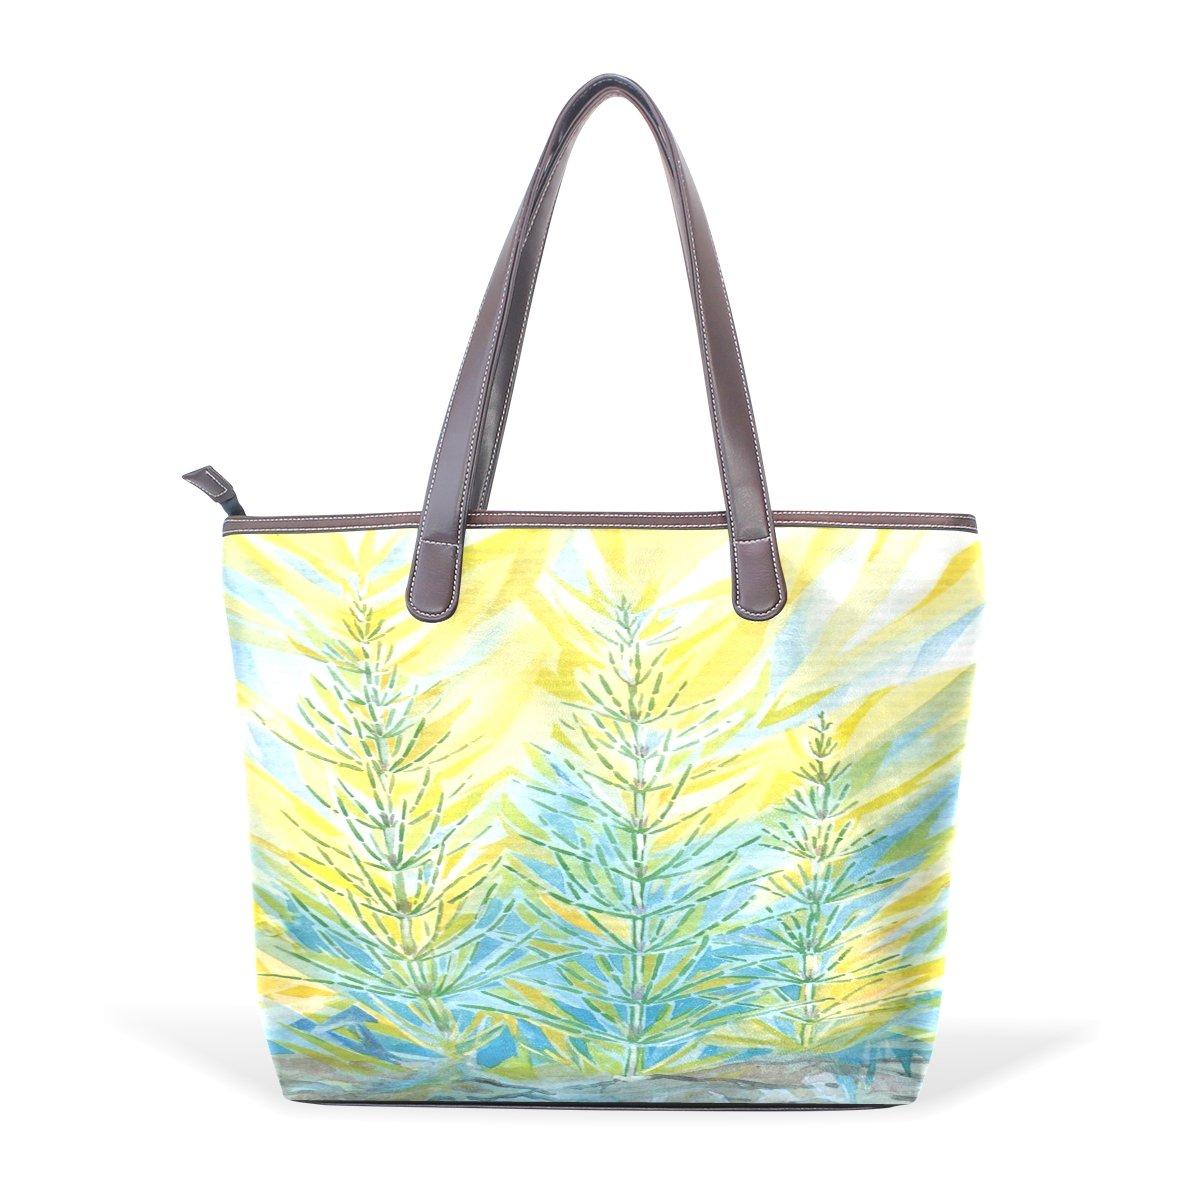 Mr.Weng Household Watercolor Weeds Lady Handbag Tote Bag Zipper Shoulder Bag